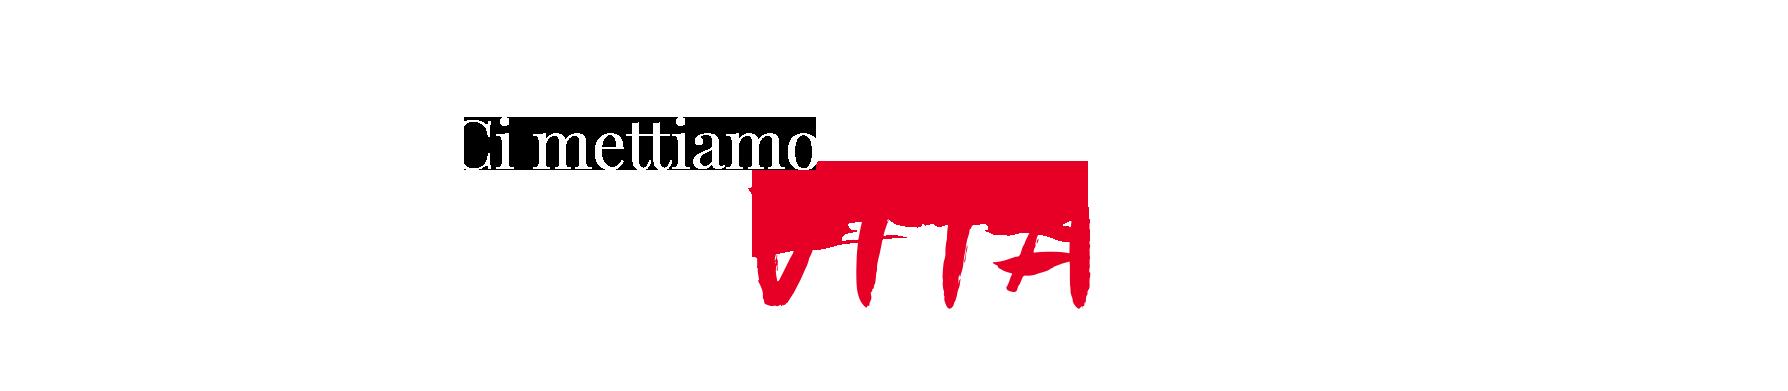 ci_mettiamo_vita_Capurso_Valpolicella